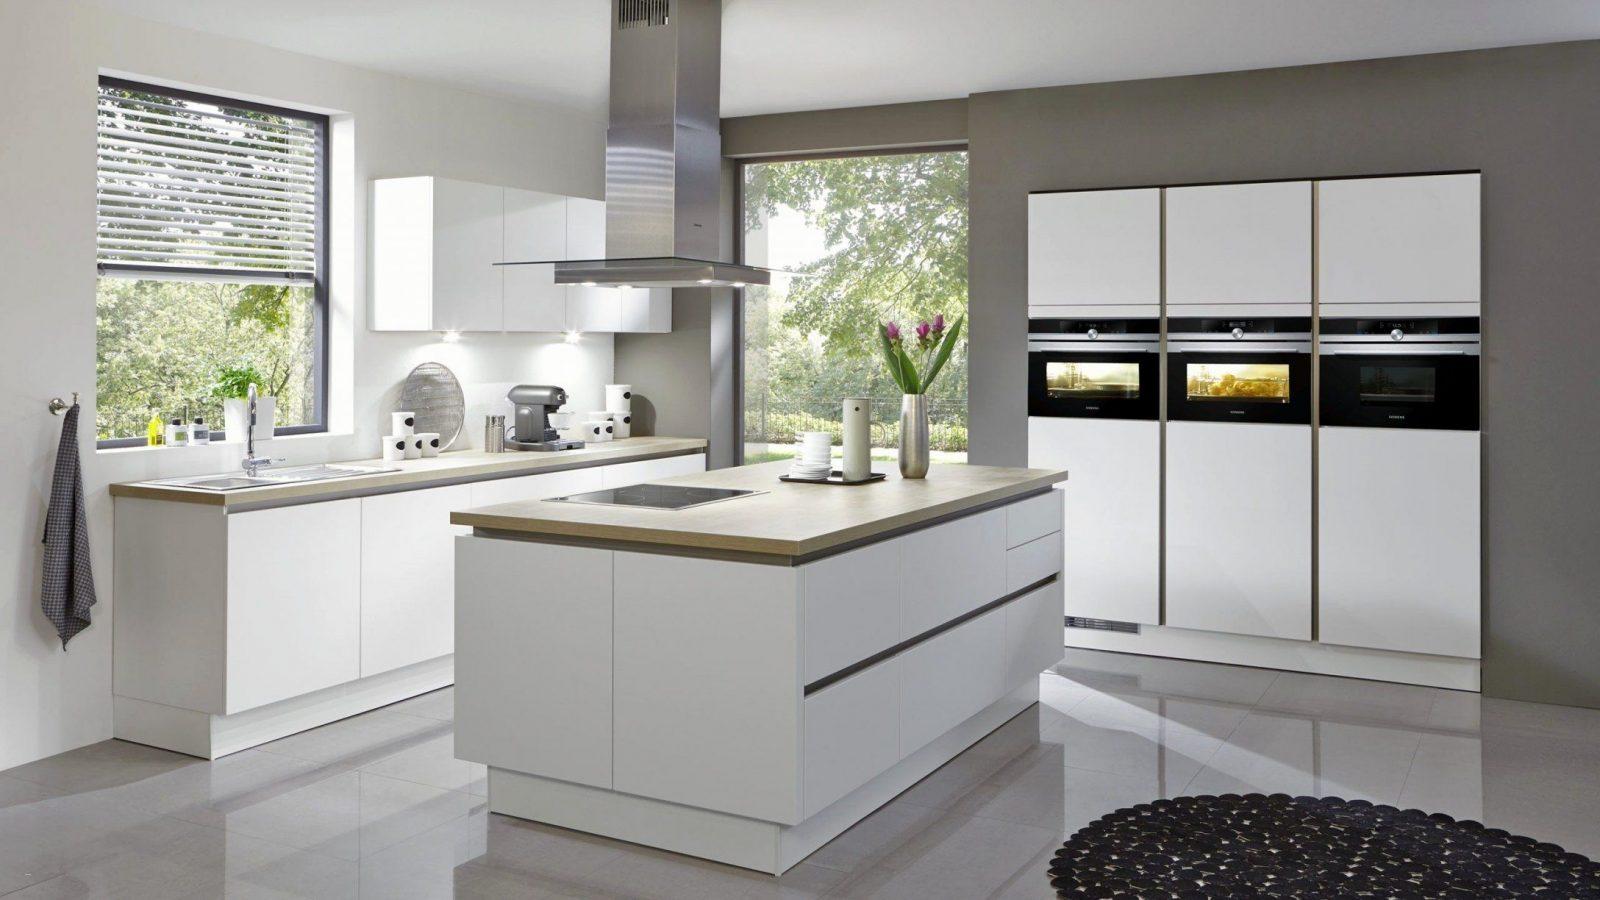 Schöne Bilder Zum Selber Malen Schön 30 Stilvoll Kleine Moderne von Küchen Bilder Selber Malen Photo